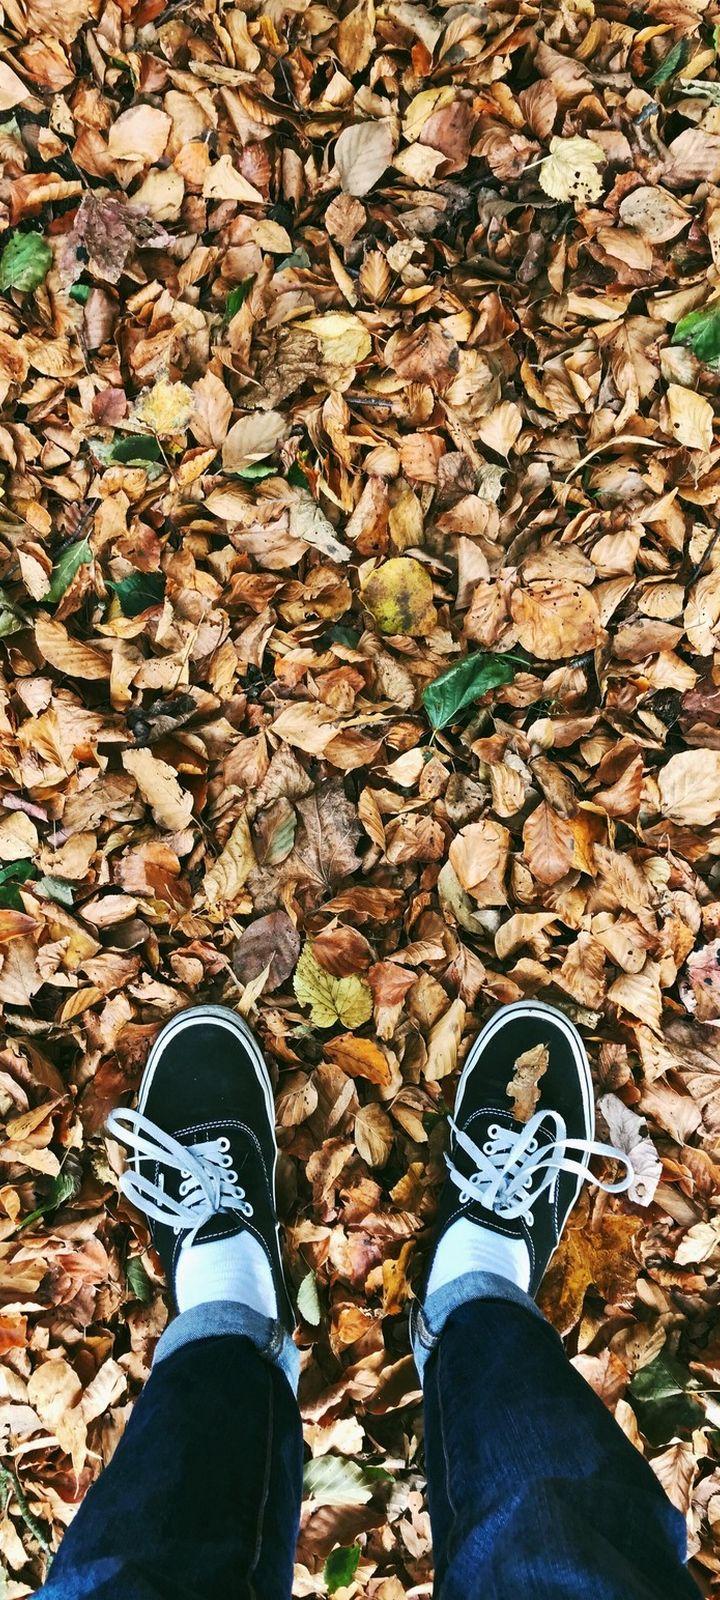 Autumn Feet Foliage Fallen Wallpaper 720x1600